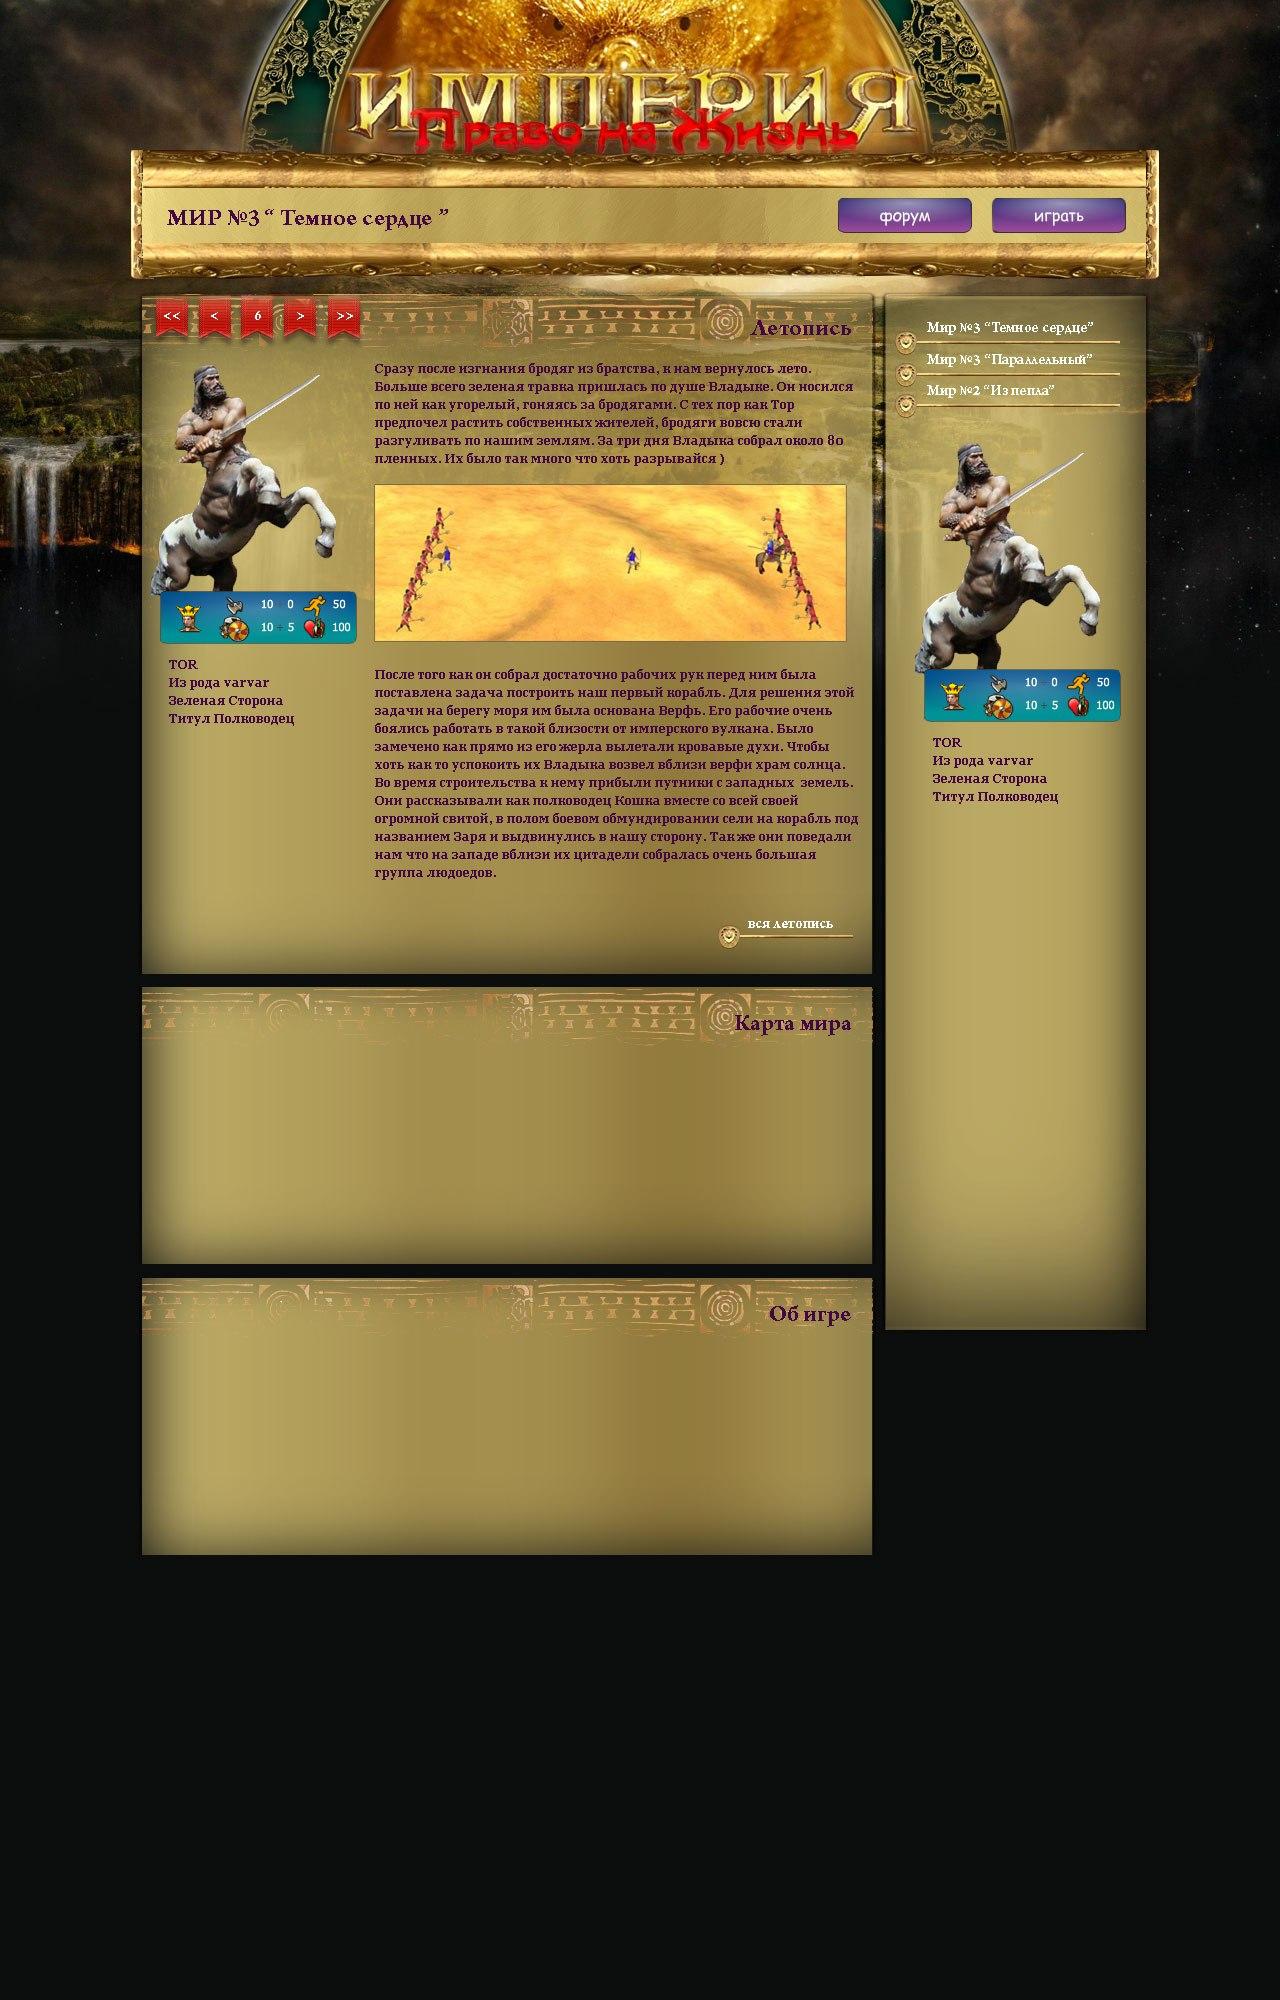 http://cs622416.vk.me/v622416704/4f90/kssrOgW-aI8.jpg